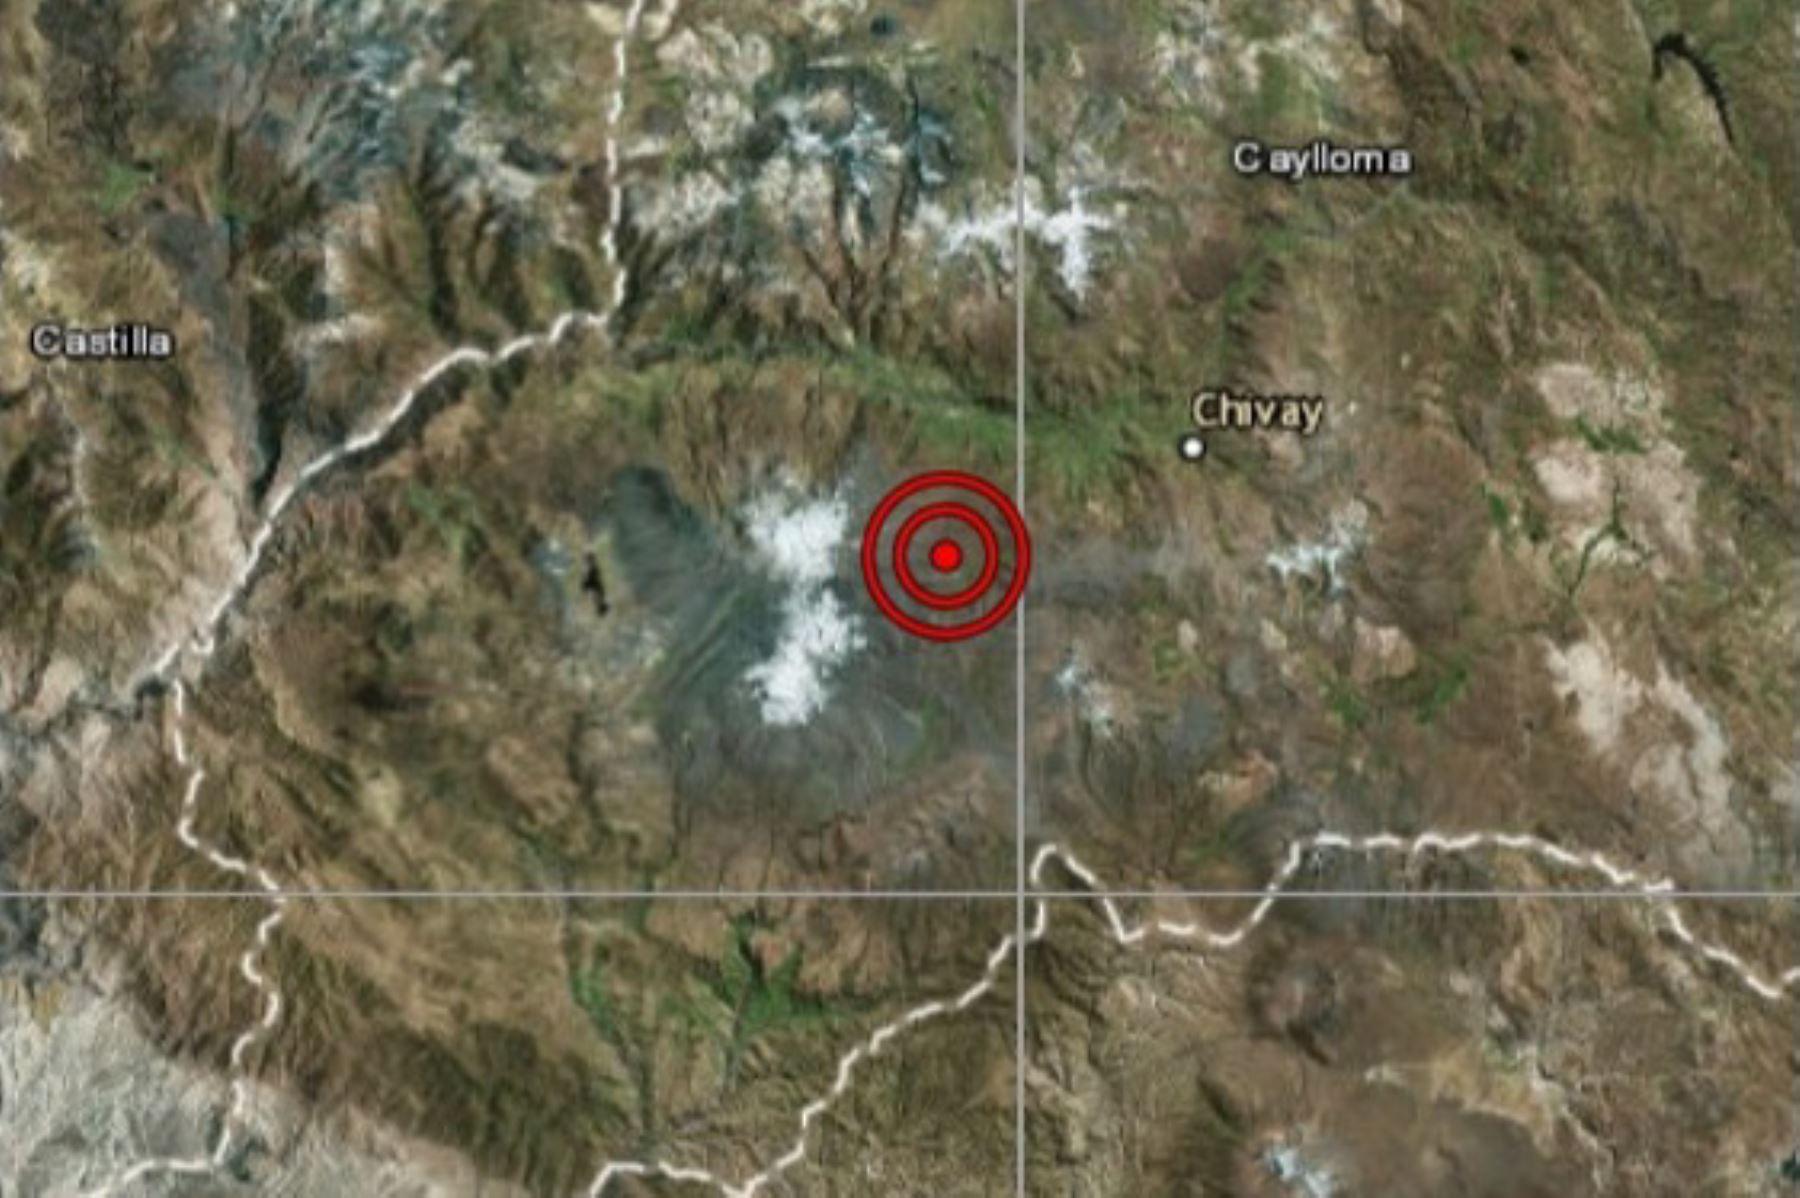 Sismo de magnitud 4.1 afectó a la localidad de Maca, en Arequipa.